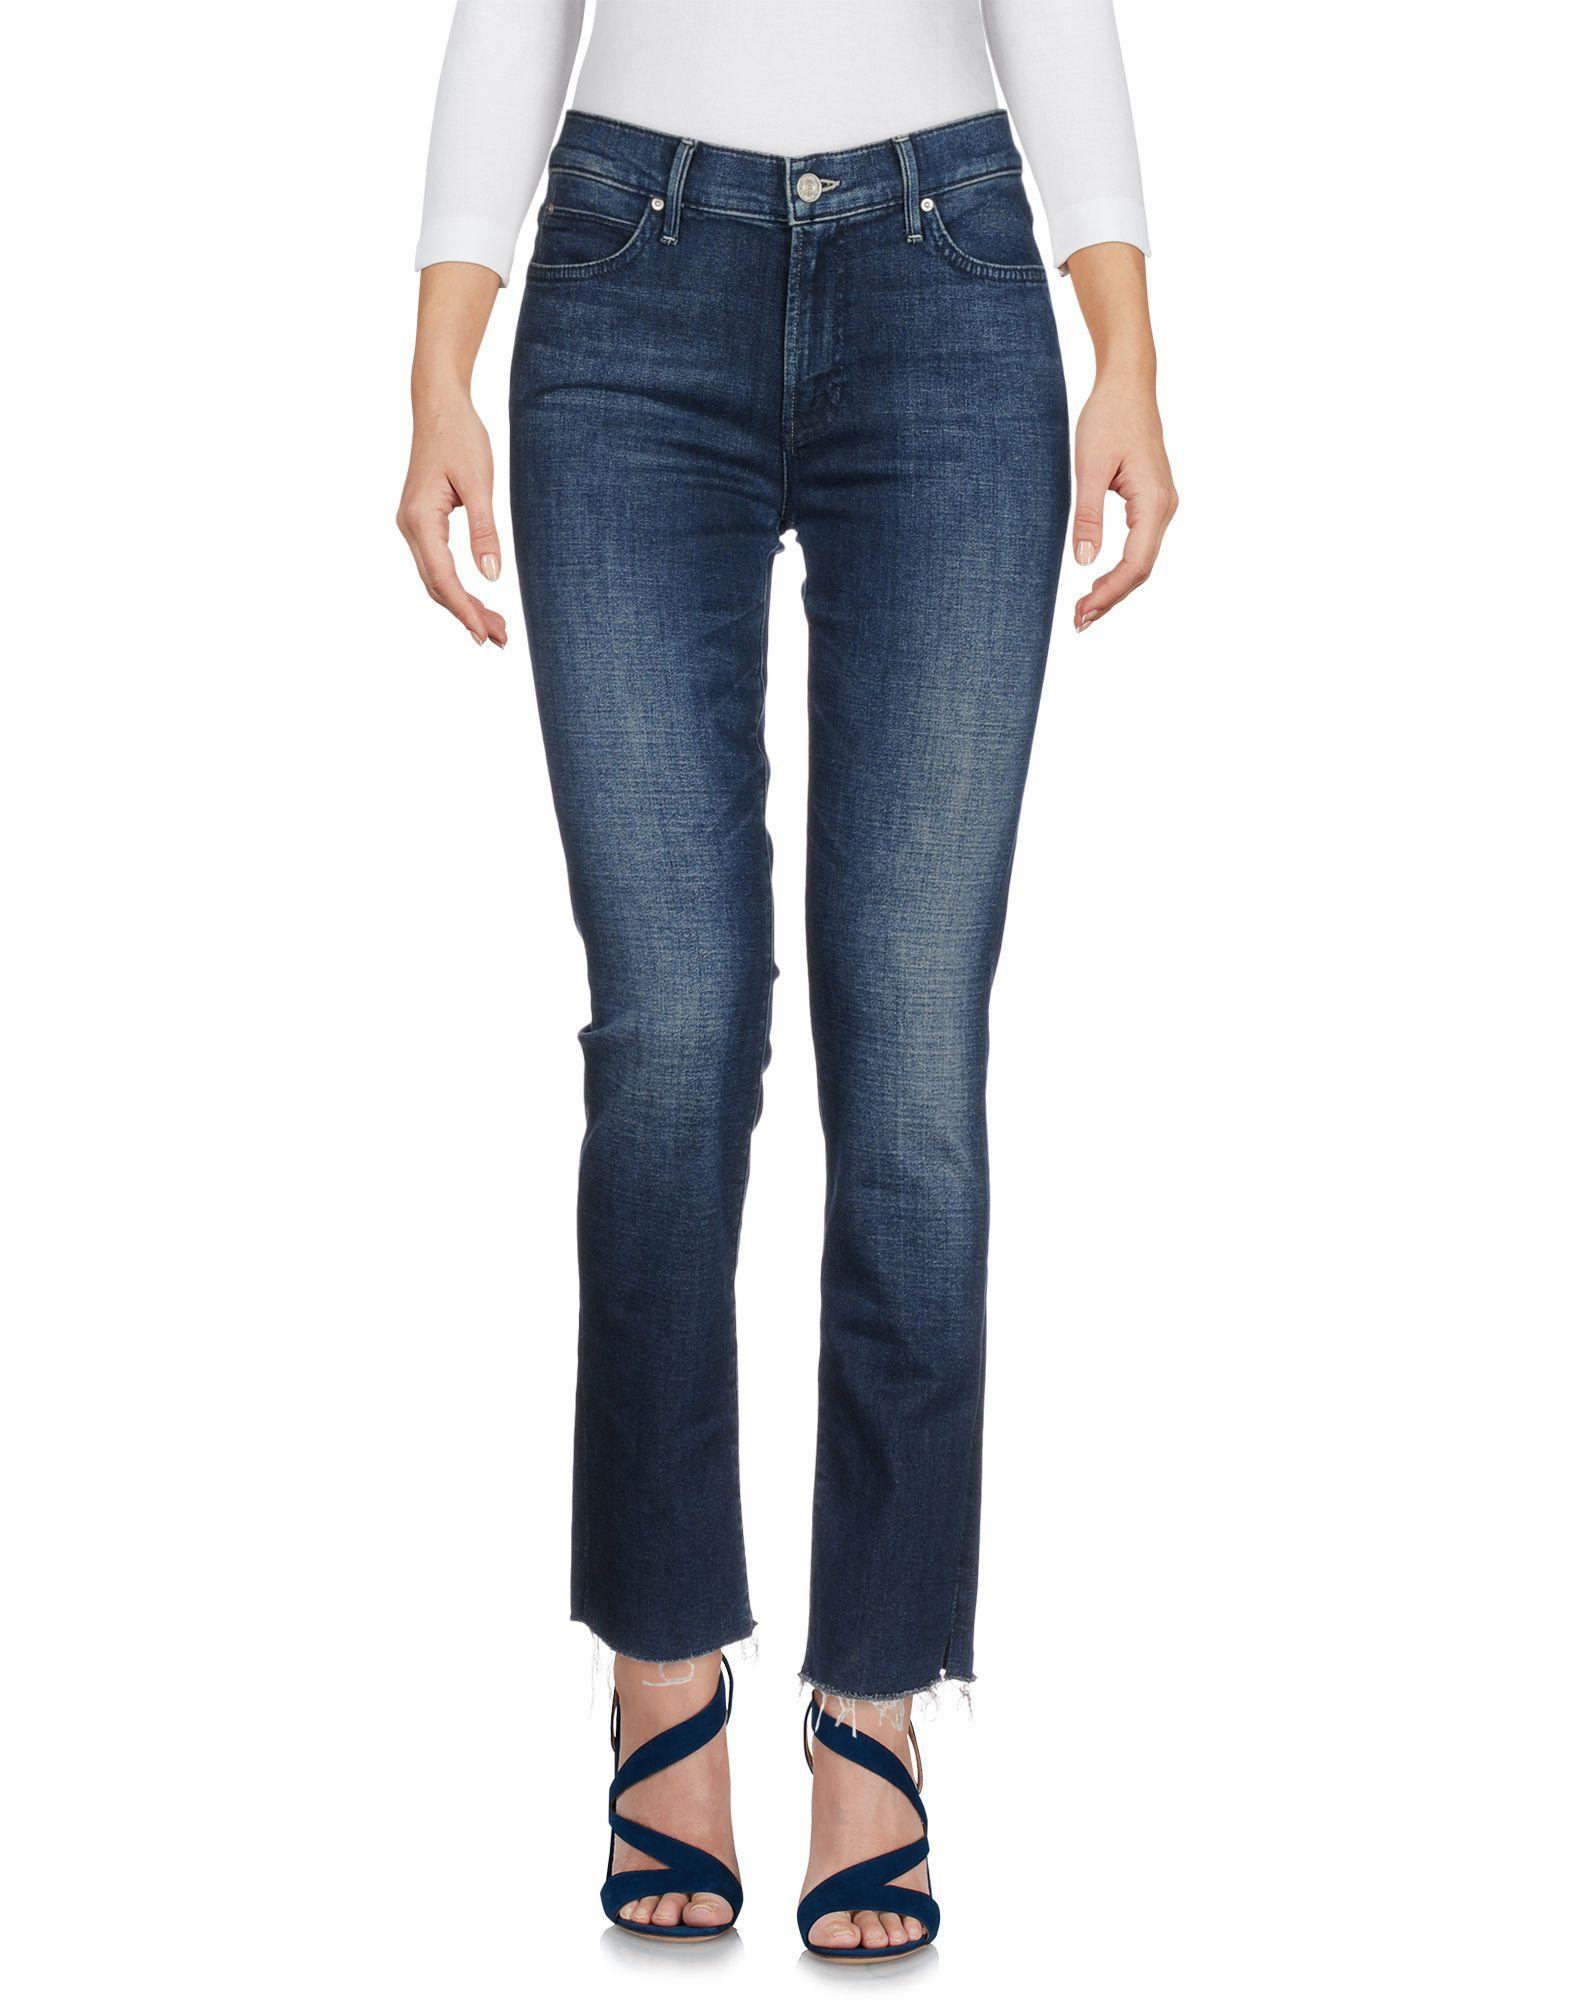 Pantaloni Jeans Mother donna donna - 42674125SG  um Ihnen einen angenehmen Online-Einkauf zu ermöglichen